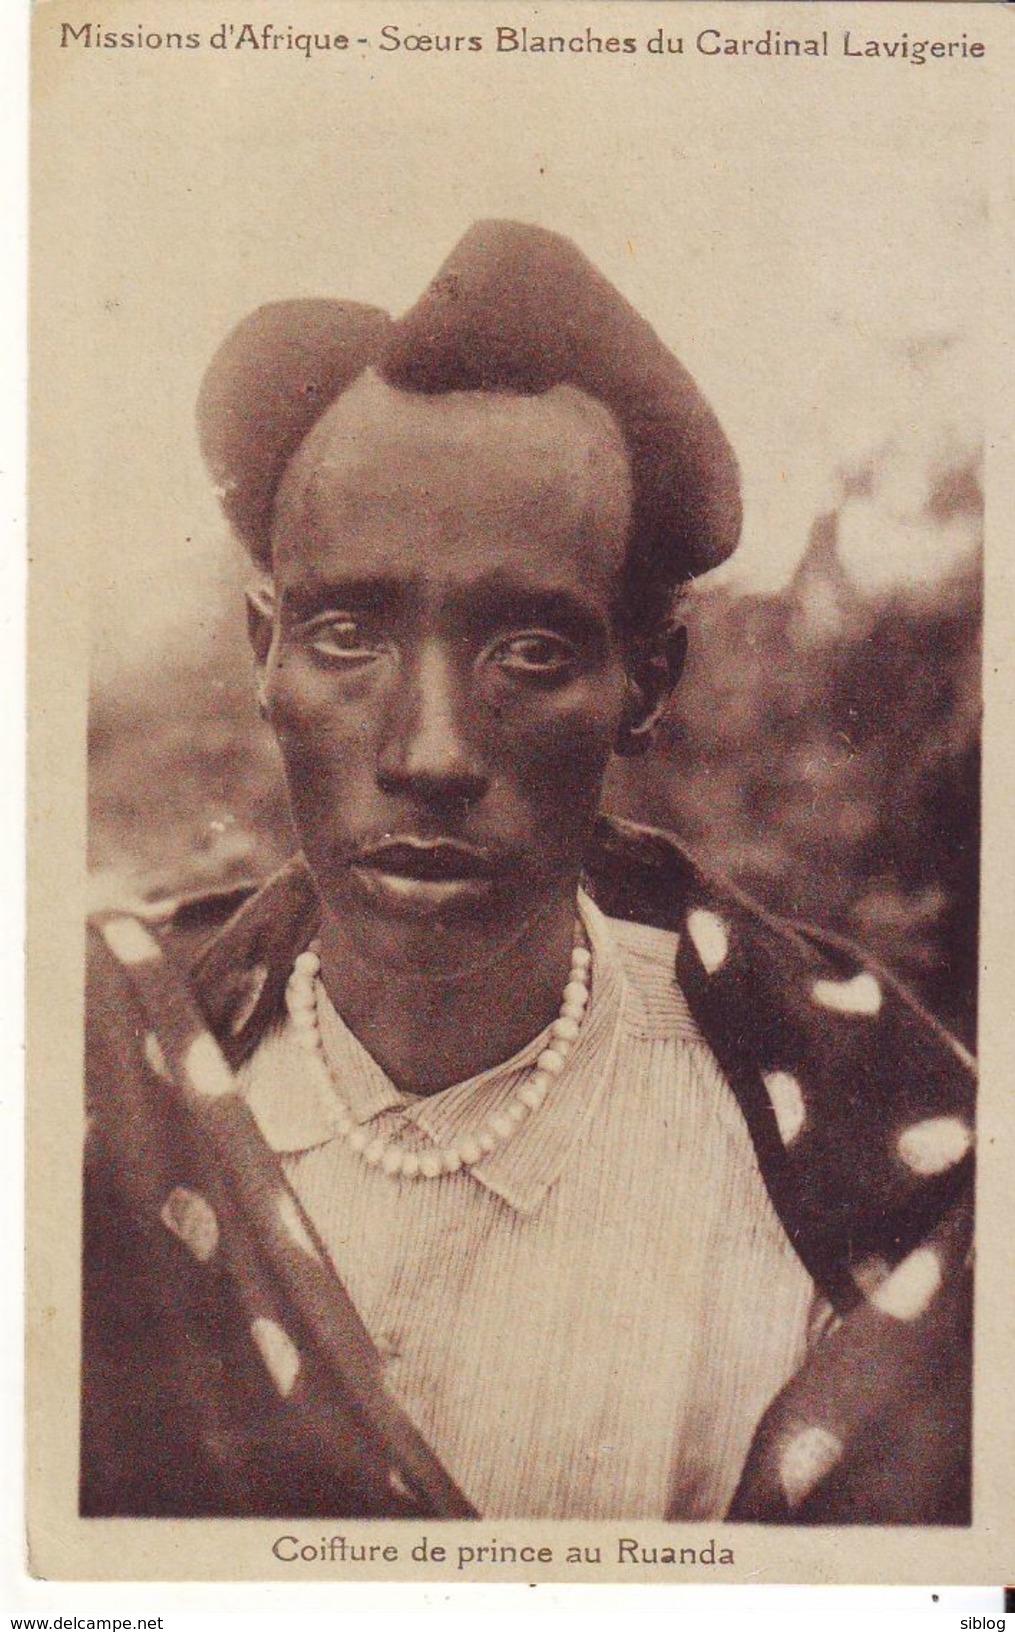 CPA - Coiffure De Prince Au RUANDA - Missions D'Afrique - Soeurs Blanches Du Cardinal Lavigerie - Ruanda-Urundi